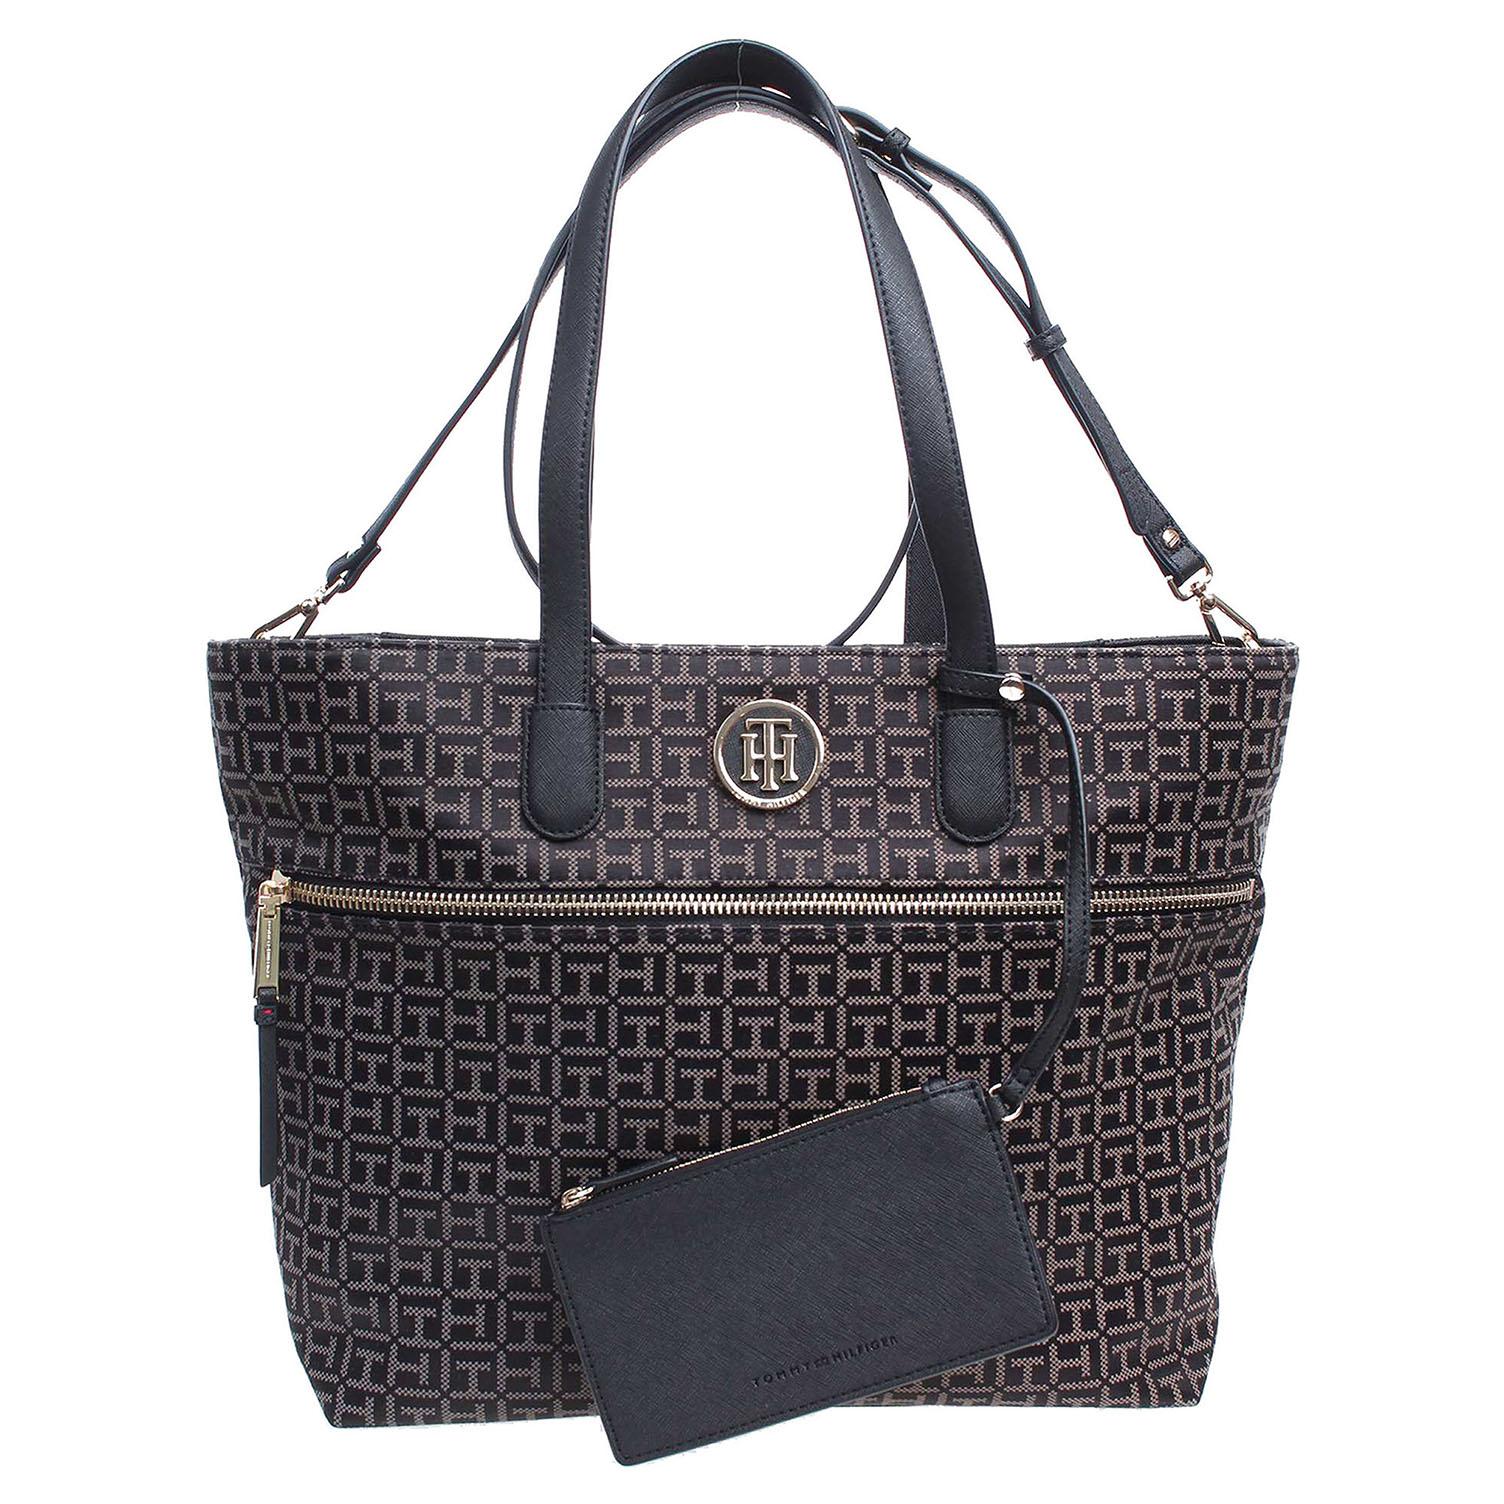 Tommy Hilfiger dámská kabelka AW0AW01223 černá-šedá 1